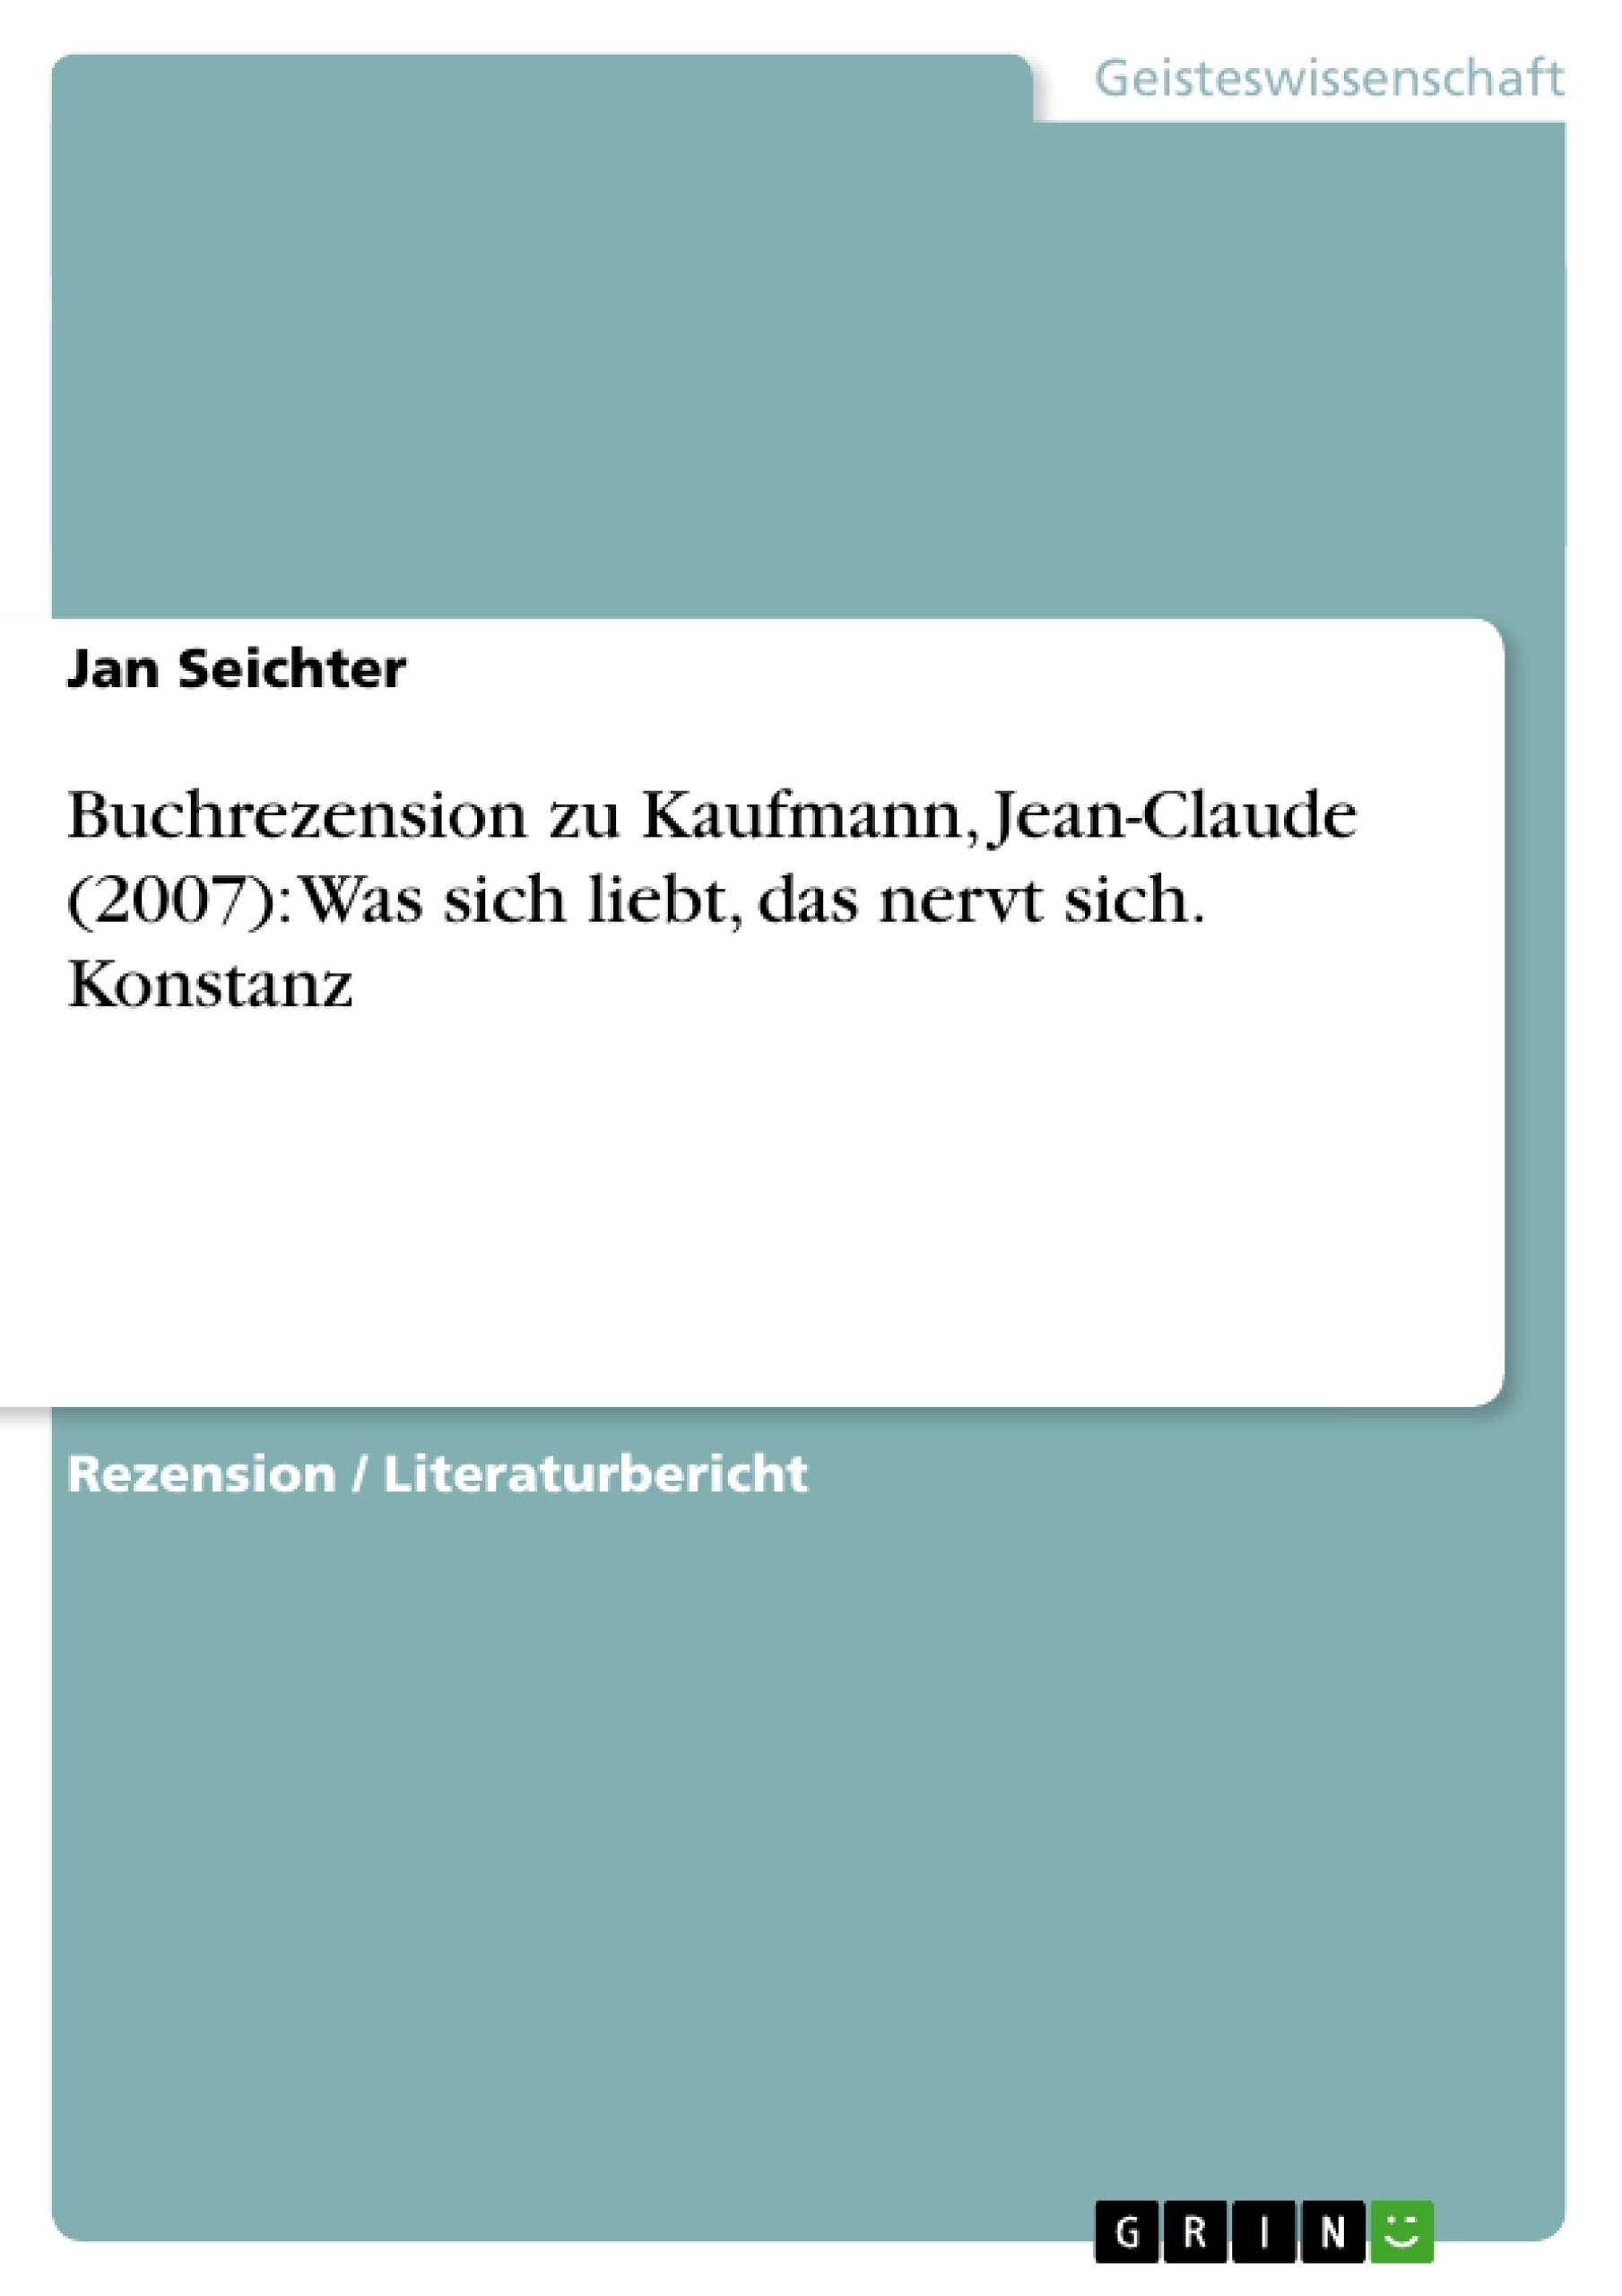 Titel: Buchrezension zu Kaufmann, Jean-Claude (2007): Was sich liebt, das nervt sich. Konstanz